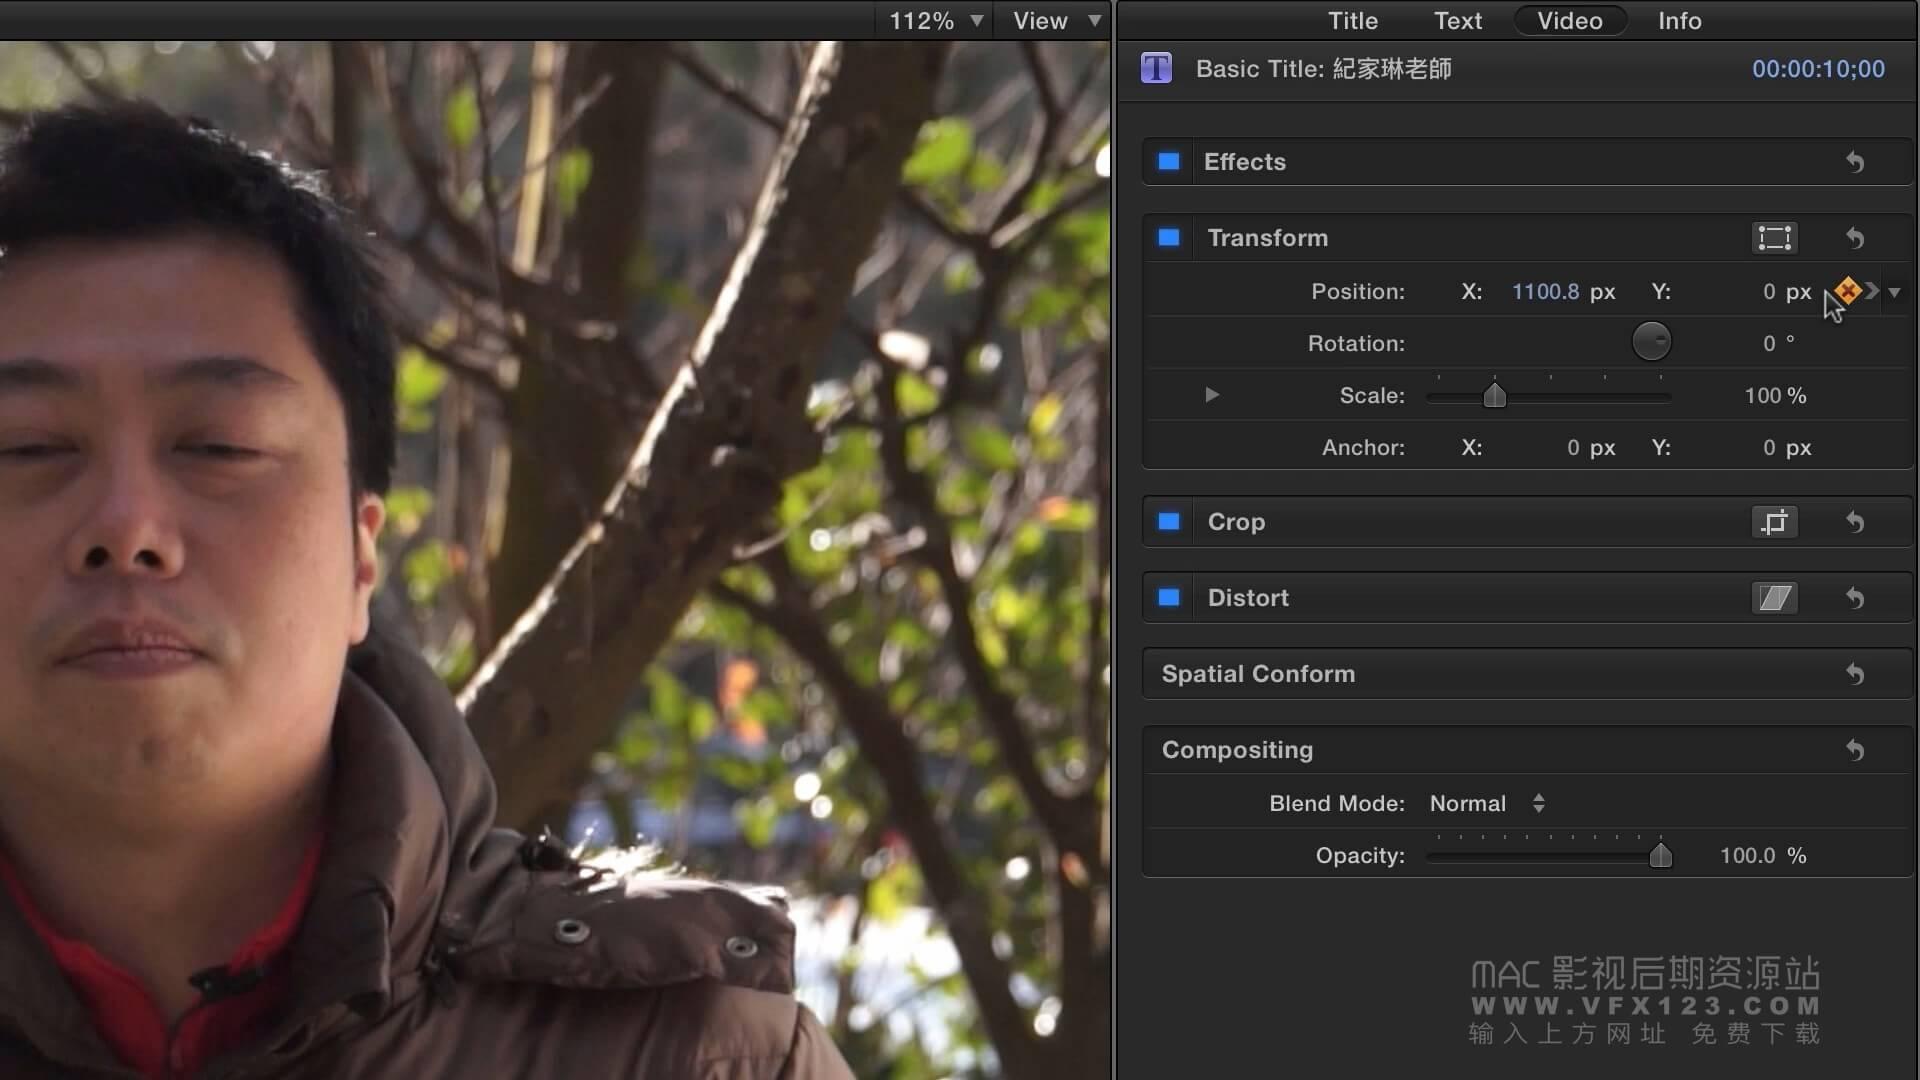 第29课: Final Cut Pro X关键帧的建立与运用